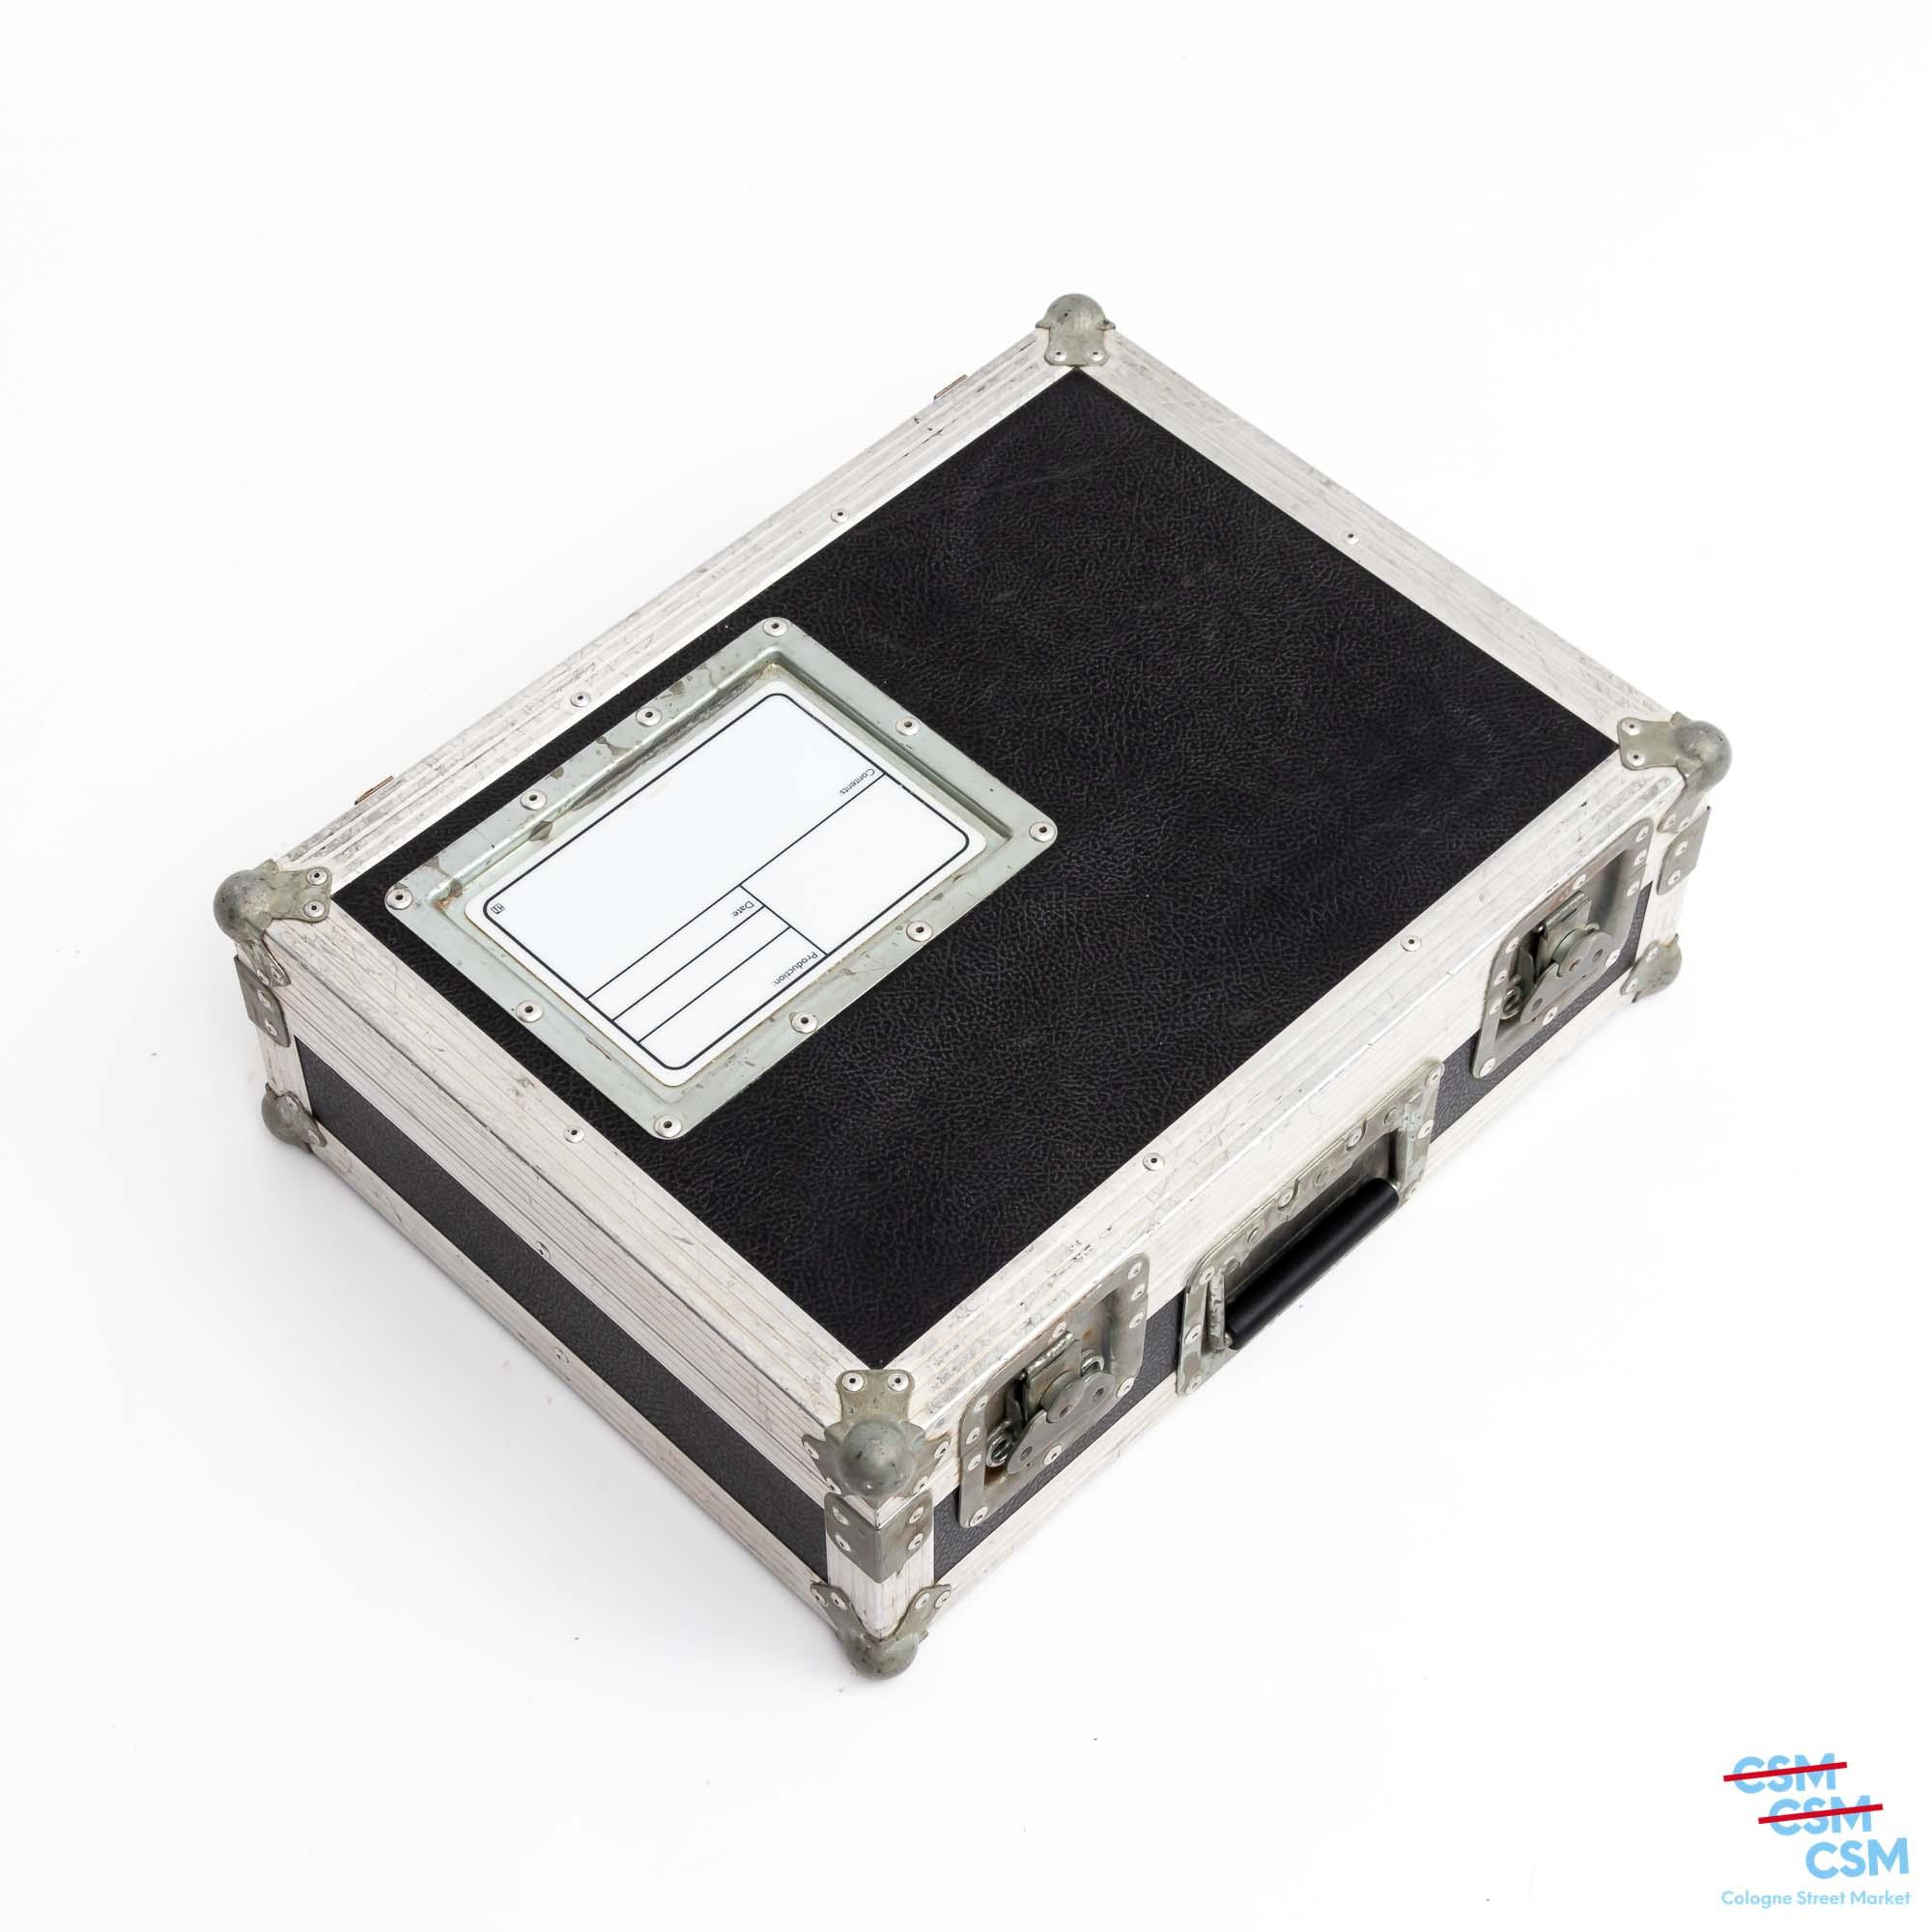 Flightcase-DJM-900-Nexus-gebraucht-2